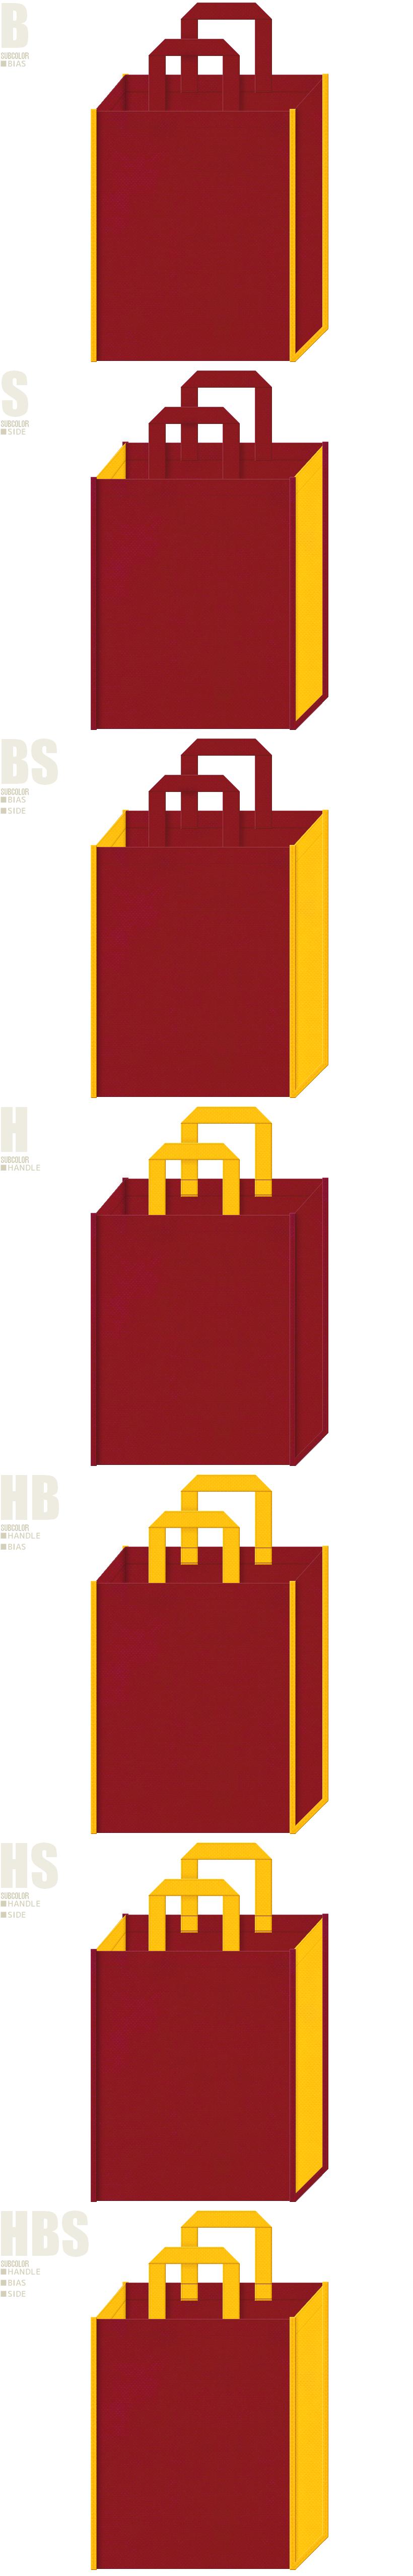 スポーツイベント・アウトドア・キャンプ用品の展示会用バッグにお奨めの不織布バッグデザイン:エンジ色と黄色の配色7パターン